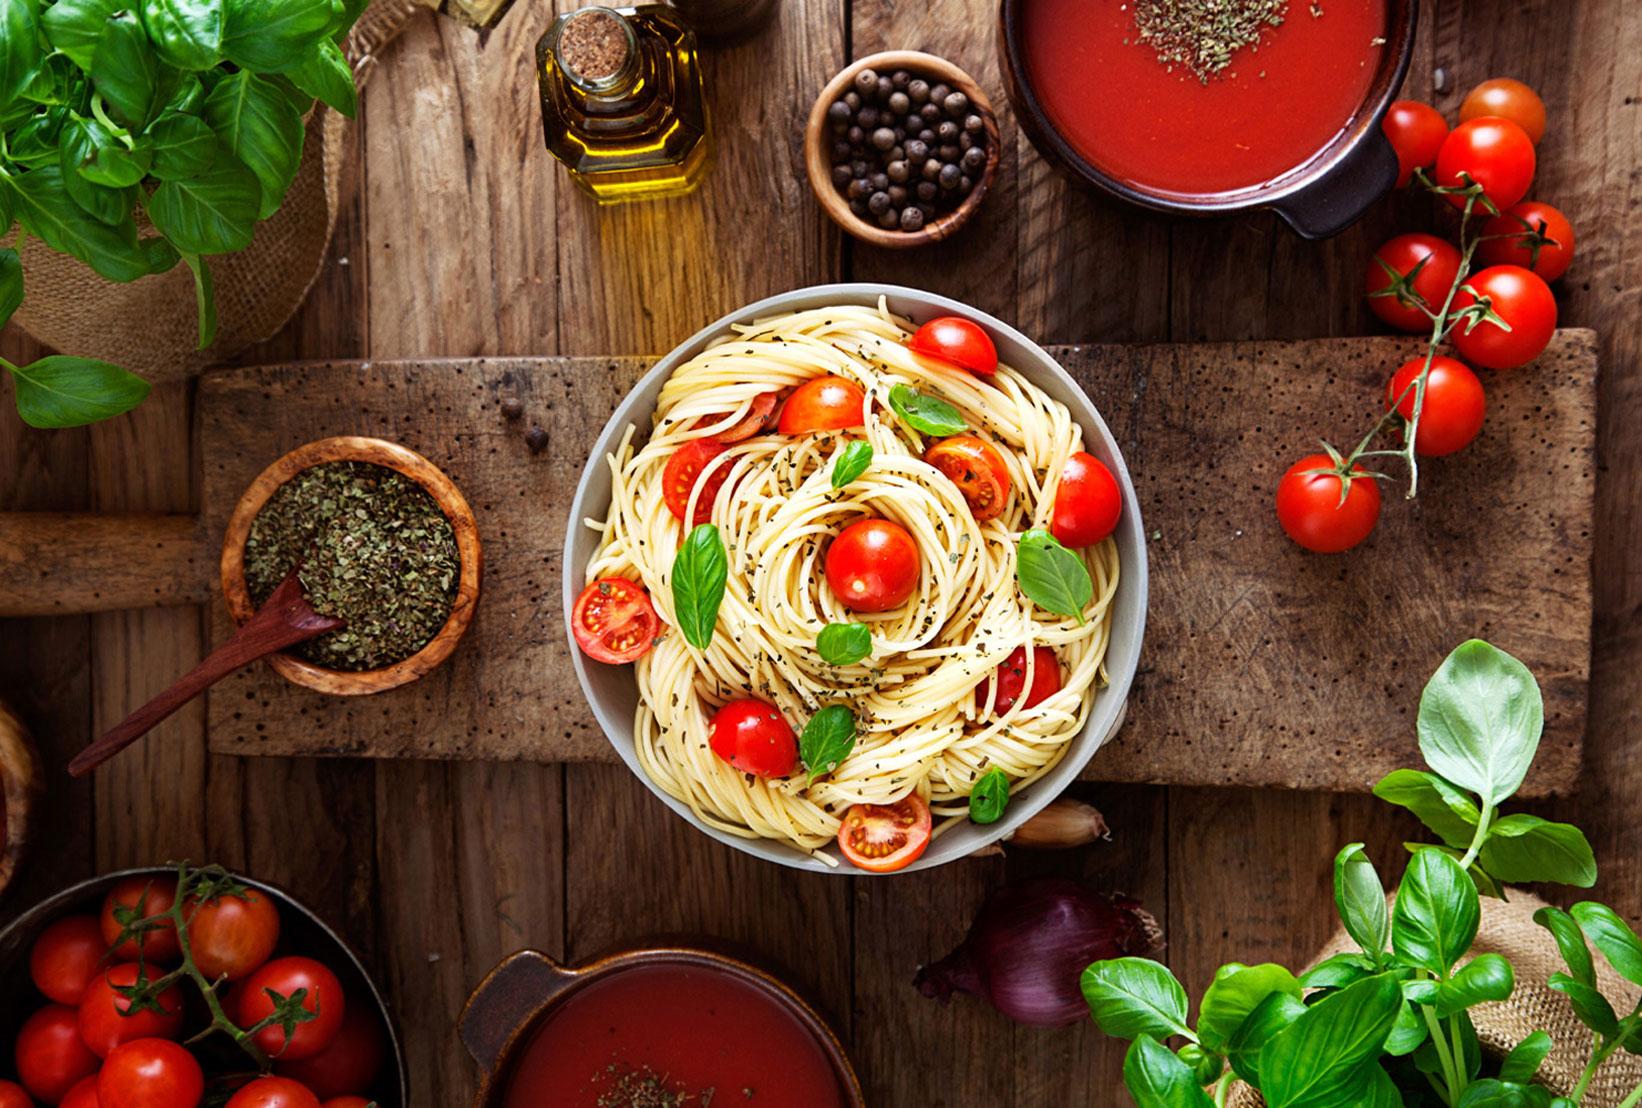 Spaghetti con pomodori e basilico freschi